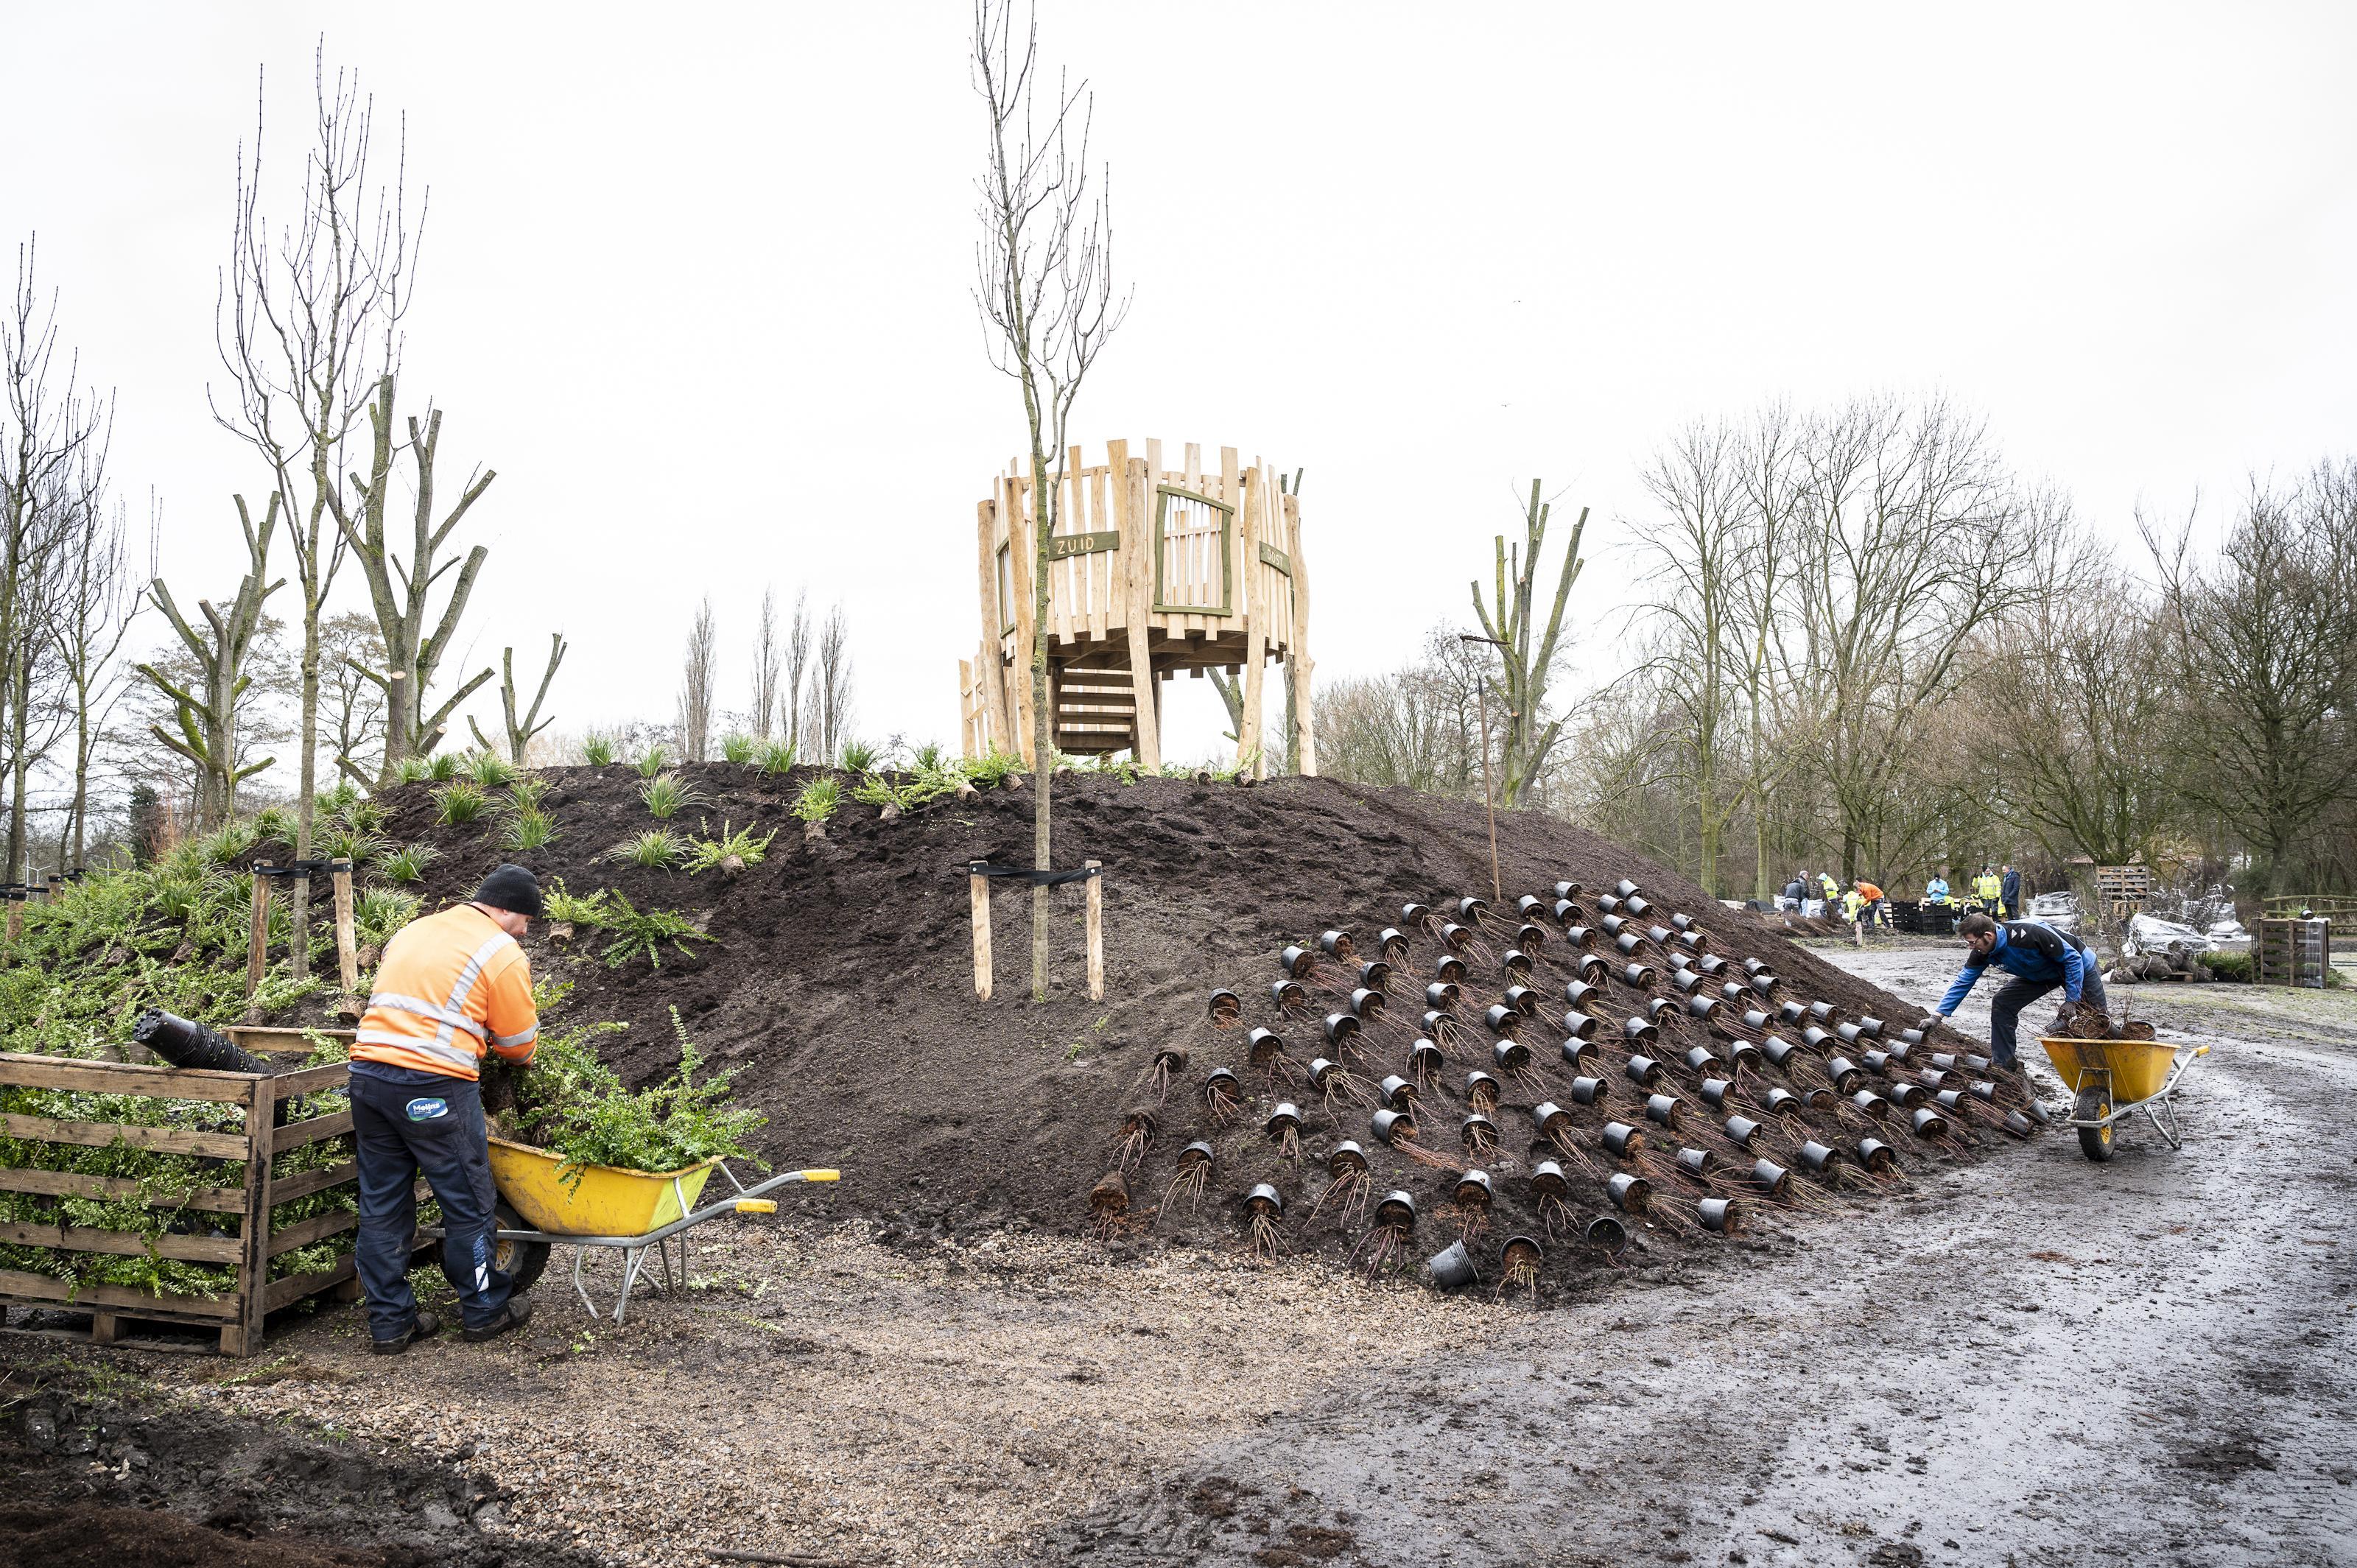 Nieuwe natuurspeelplaats langs Twiskeweg in Zaandam krijgt vorm, maar mag voorlopig nog niet gebruikt worden